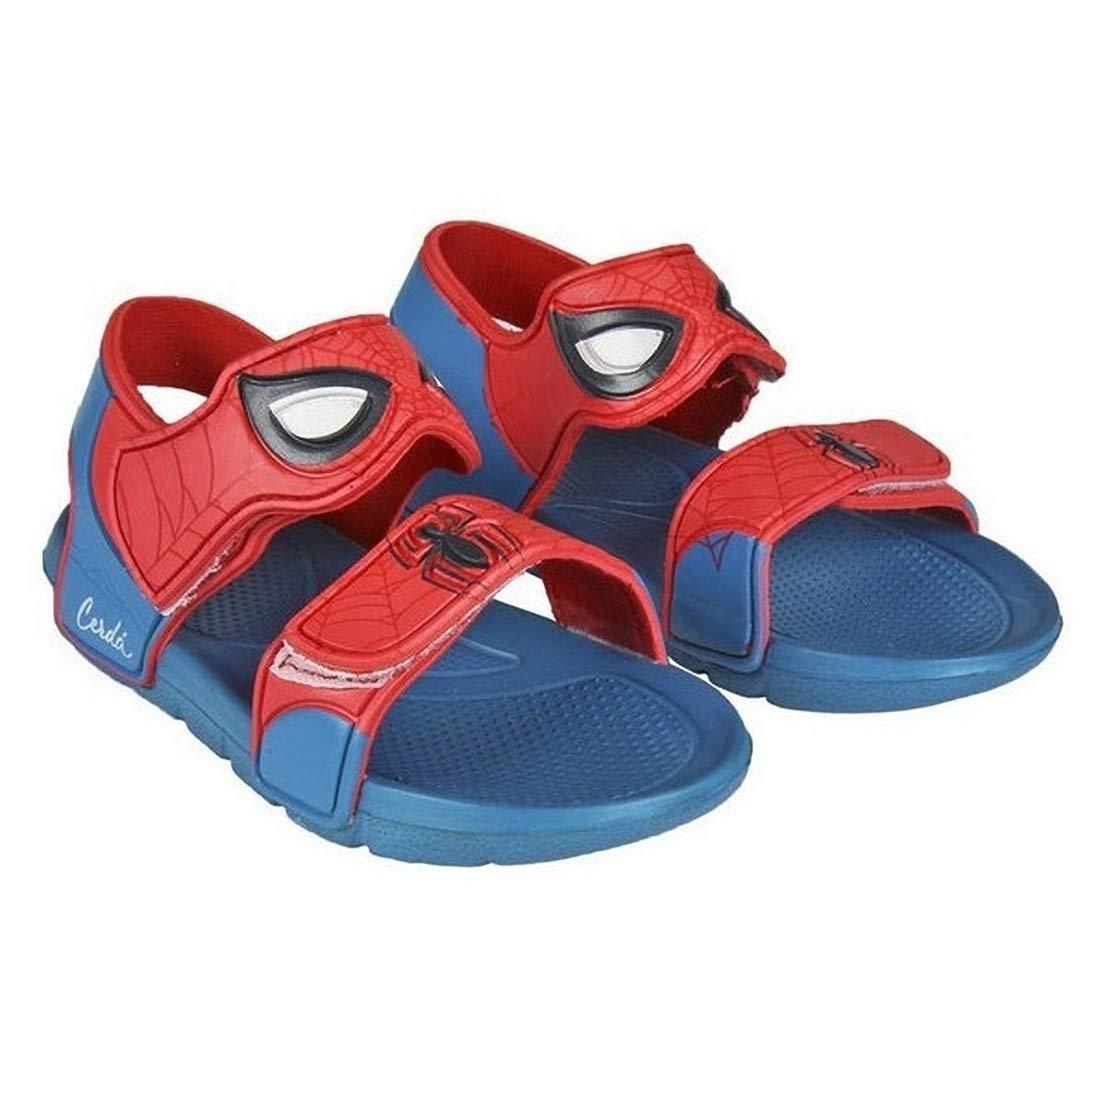 SANDALIAS Playa Spiderman 28//29